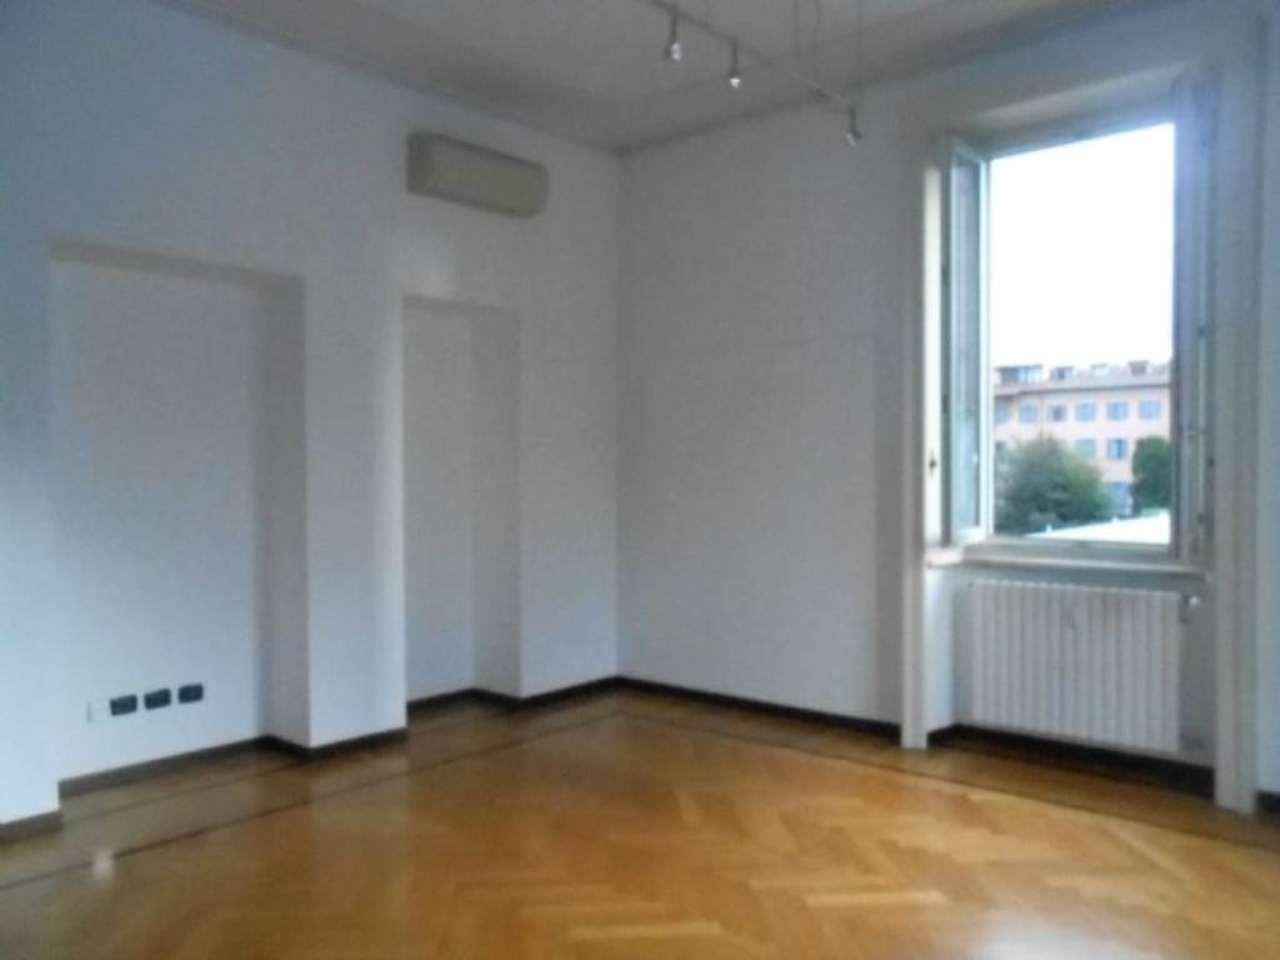 Appartamento in affitto a Milano Via Piazza Virgilio - TrovoCasa.it - W6015708